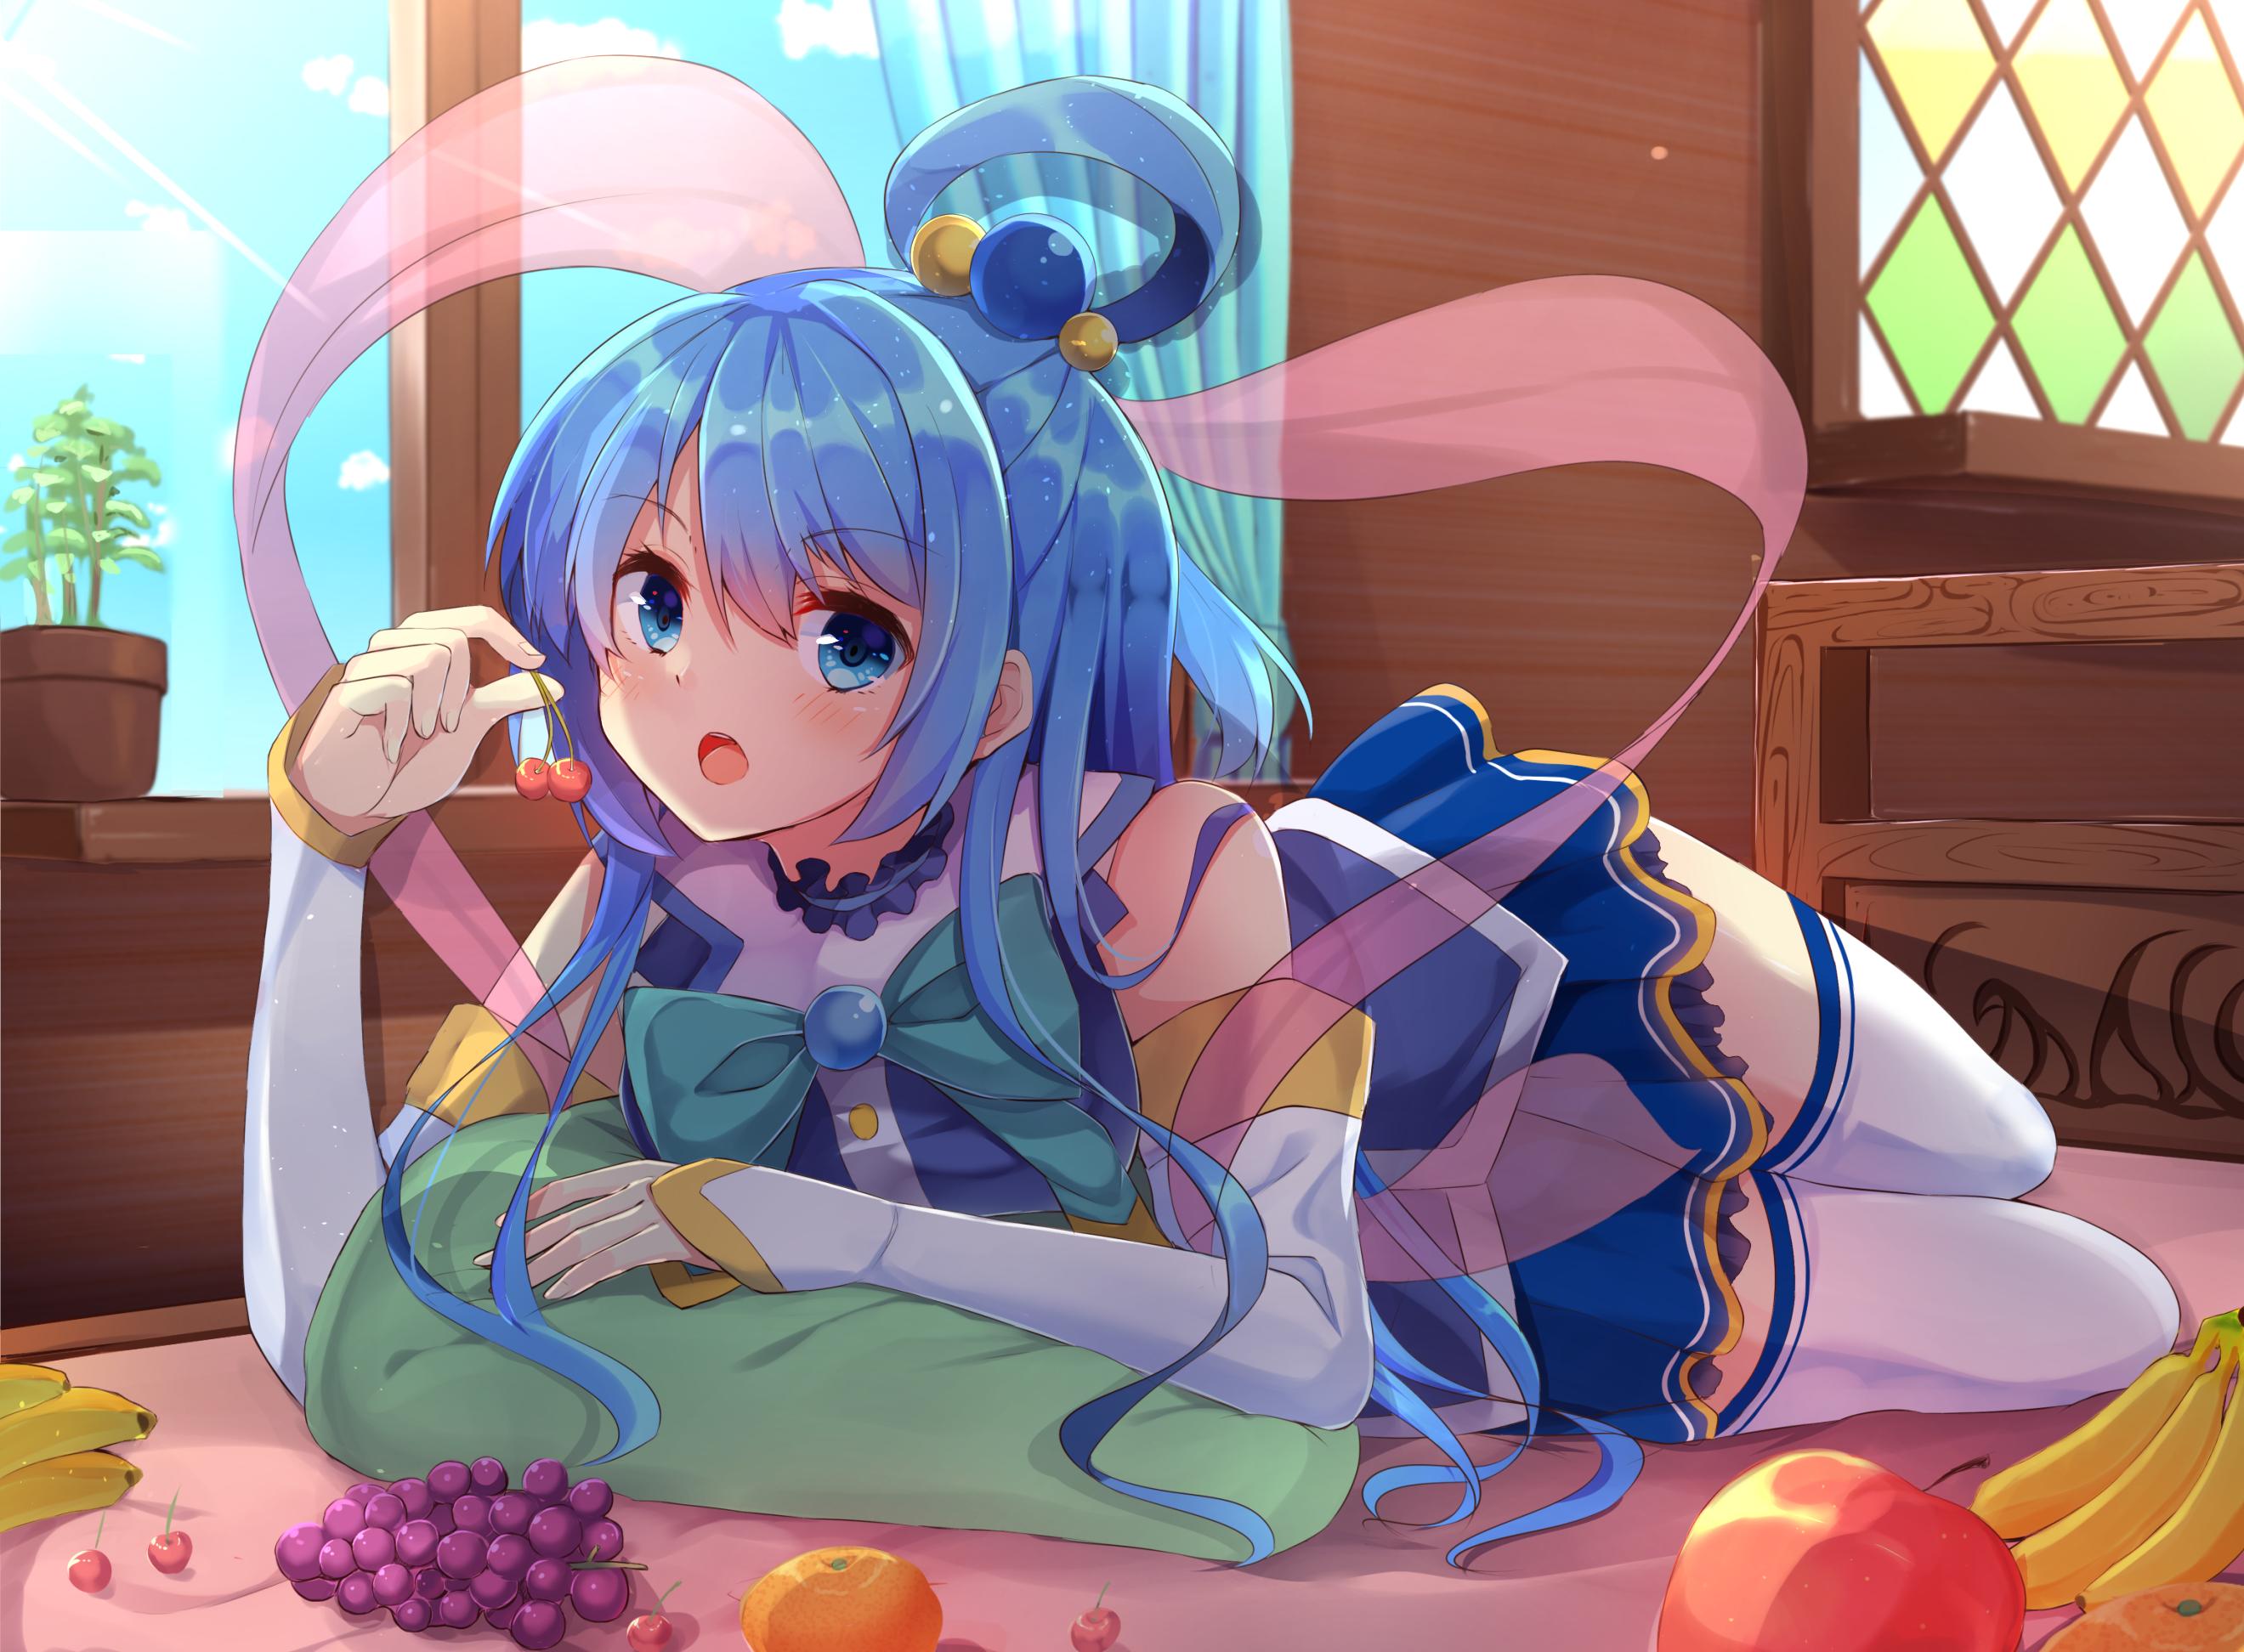 Garotos Anime, Personagens De